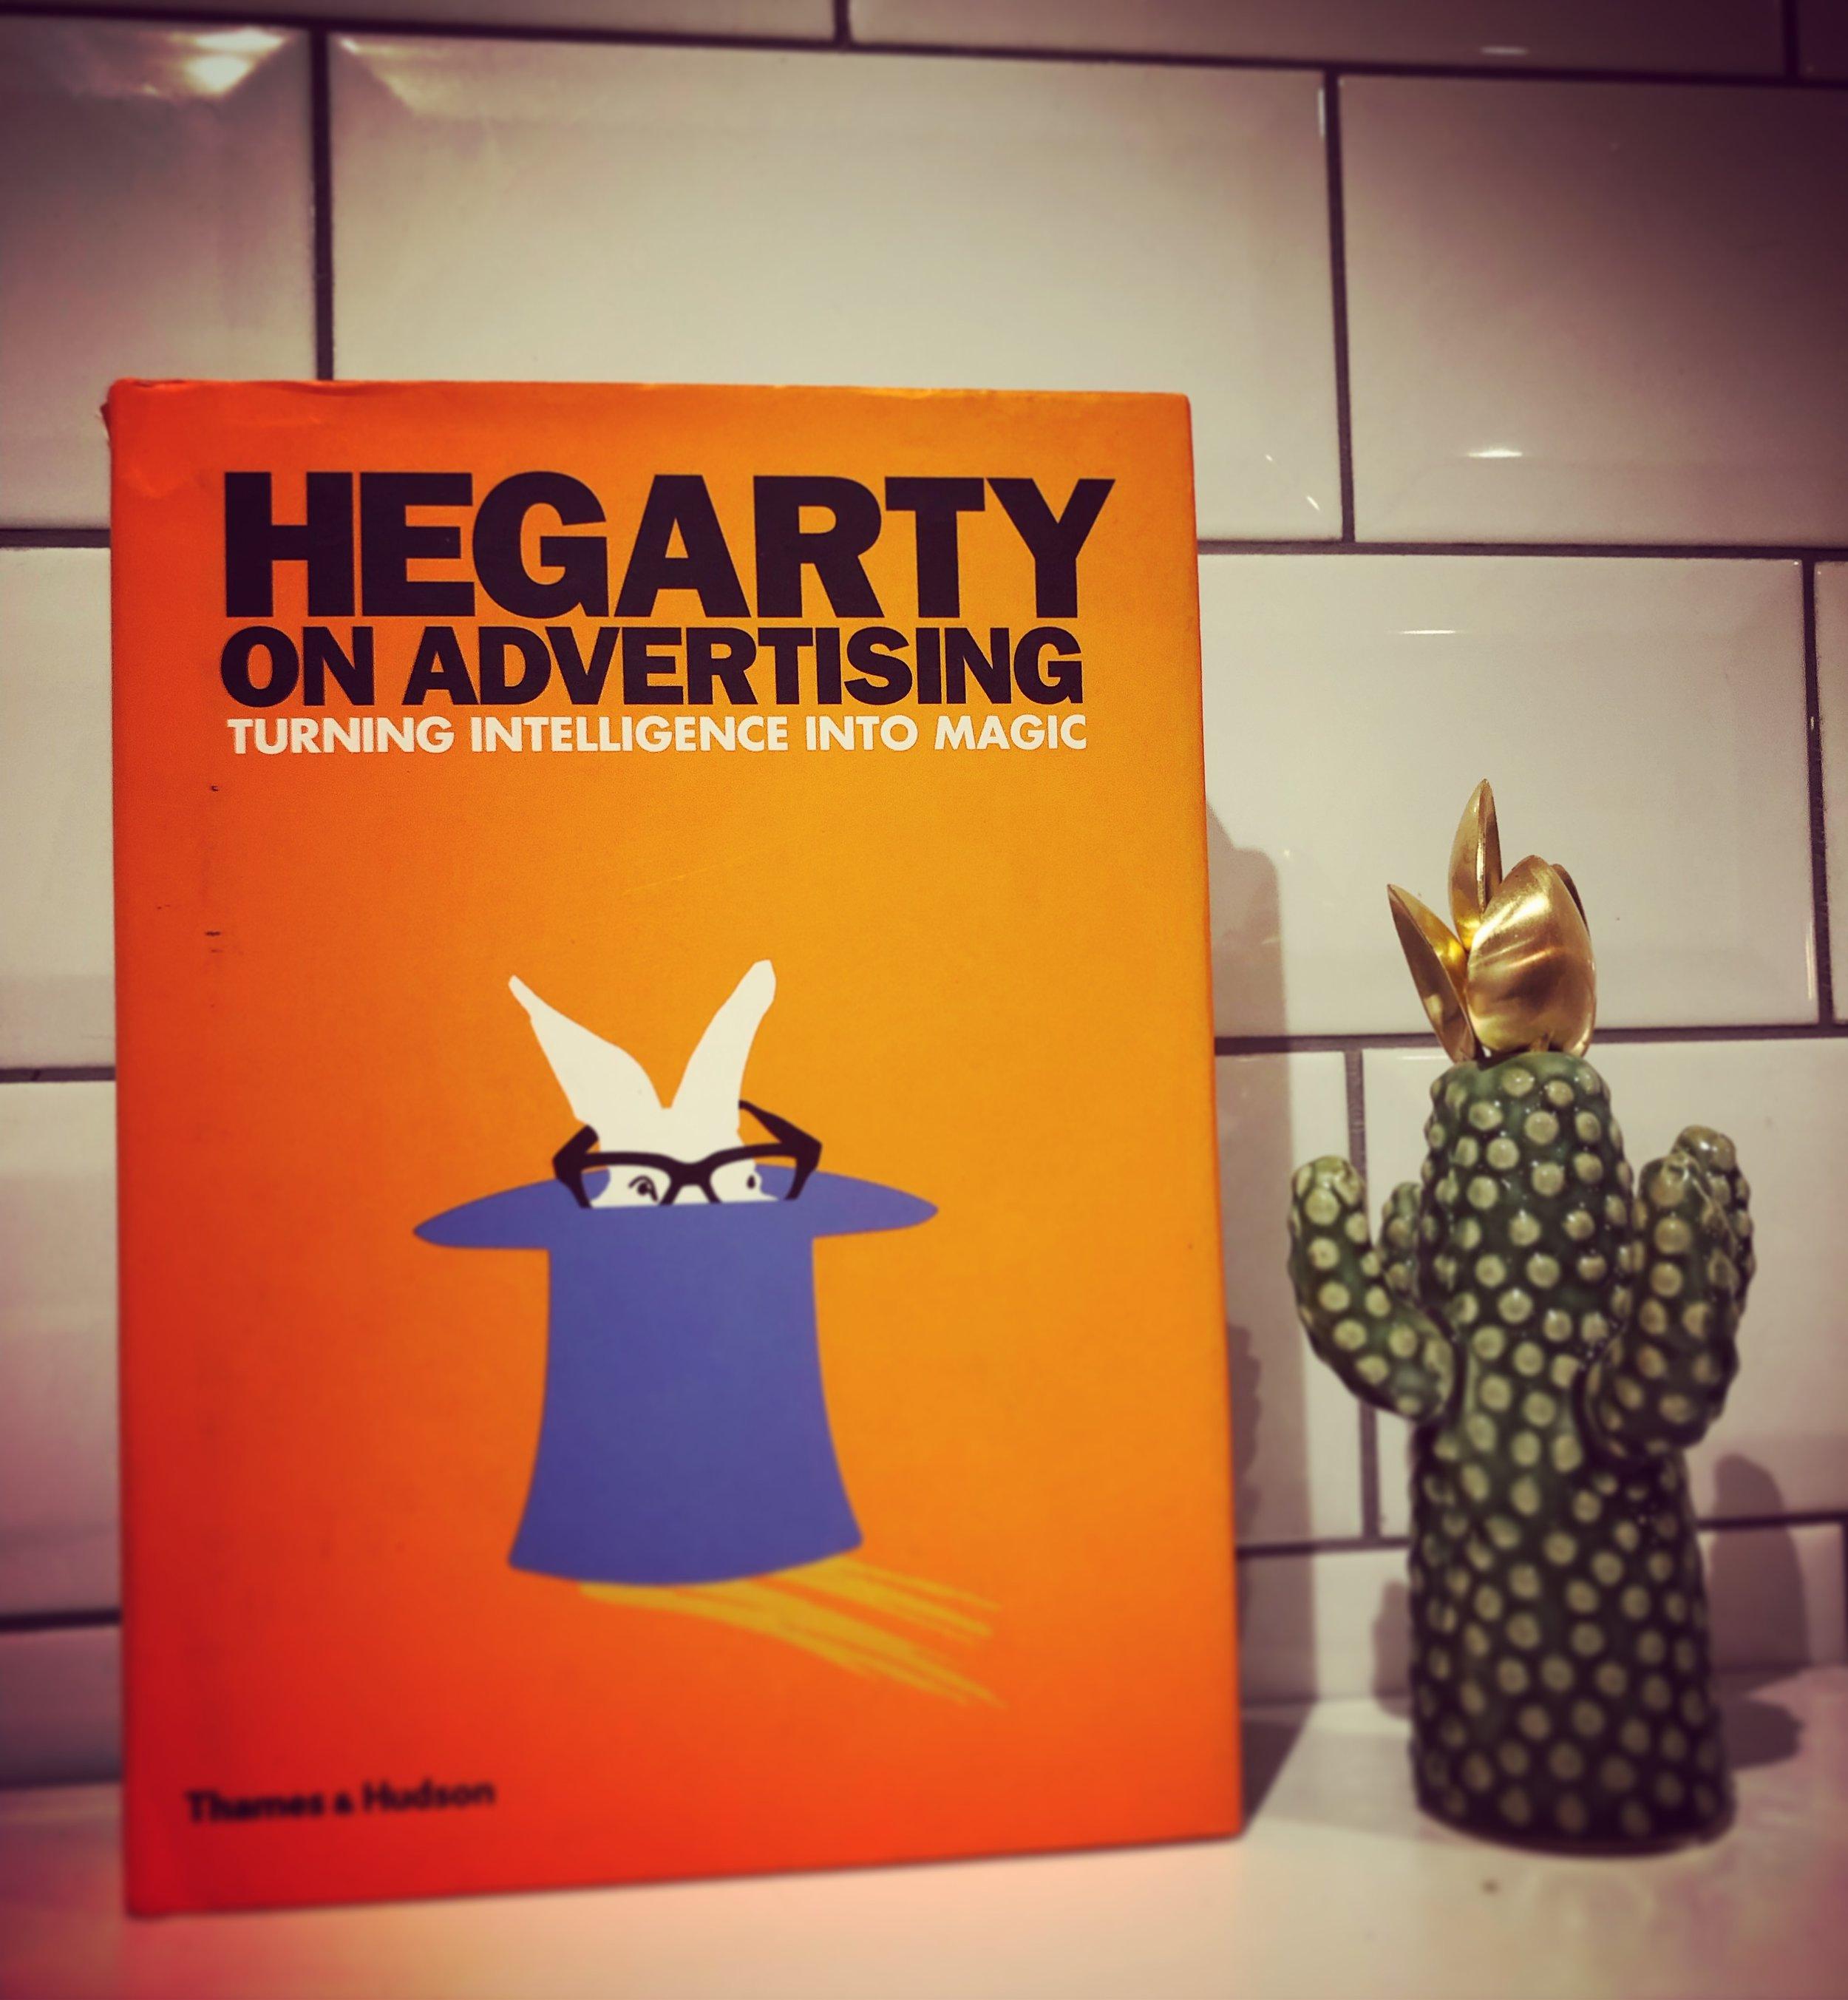 HEGARTY ON ADVERTISING: JOHN HEGARTY